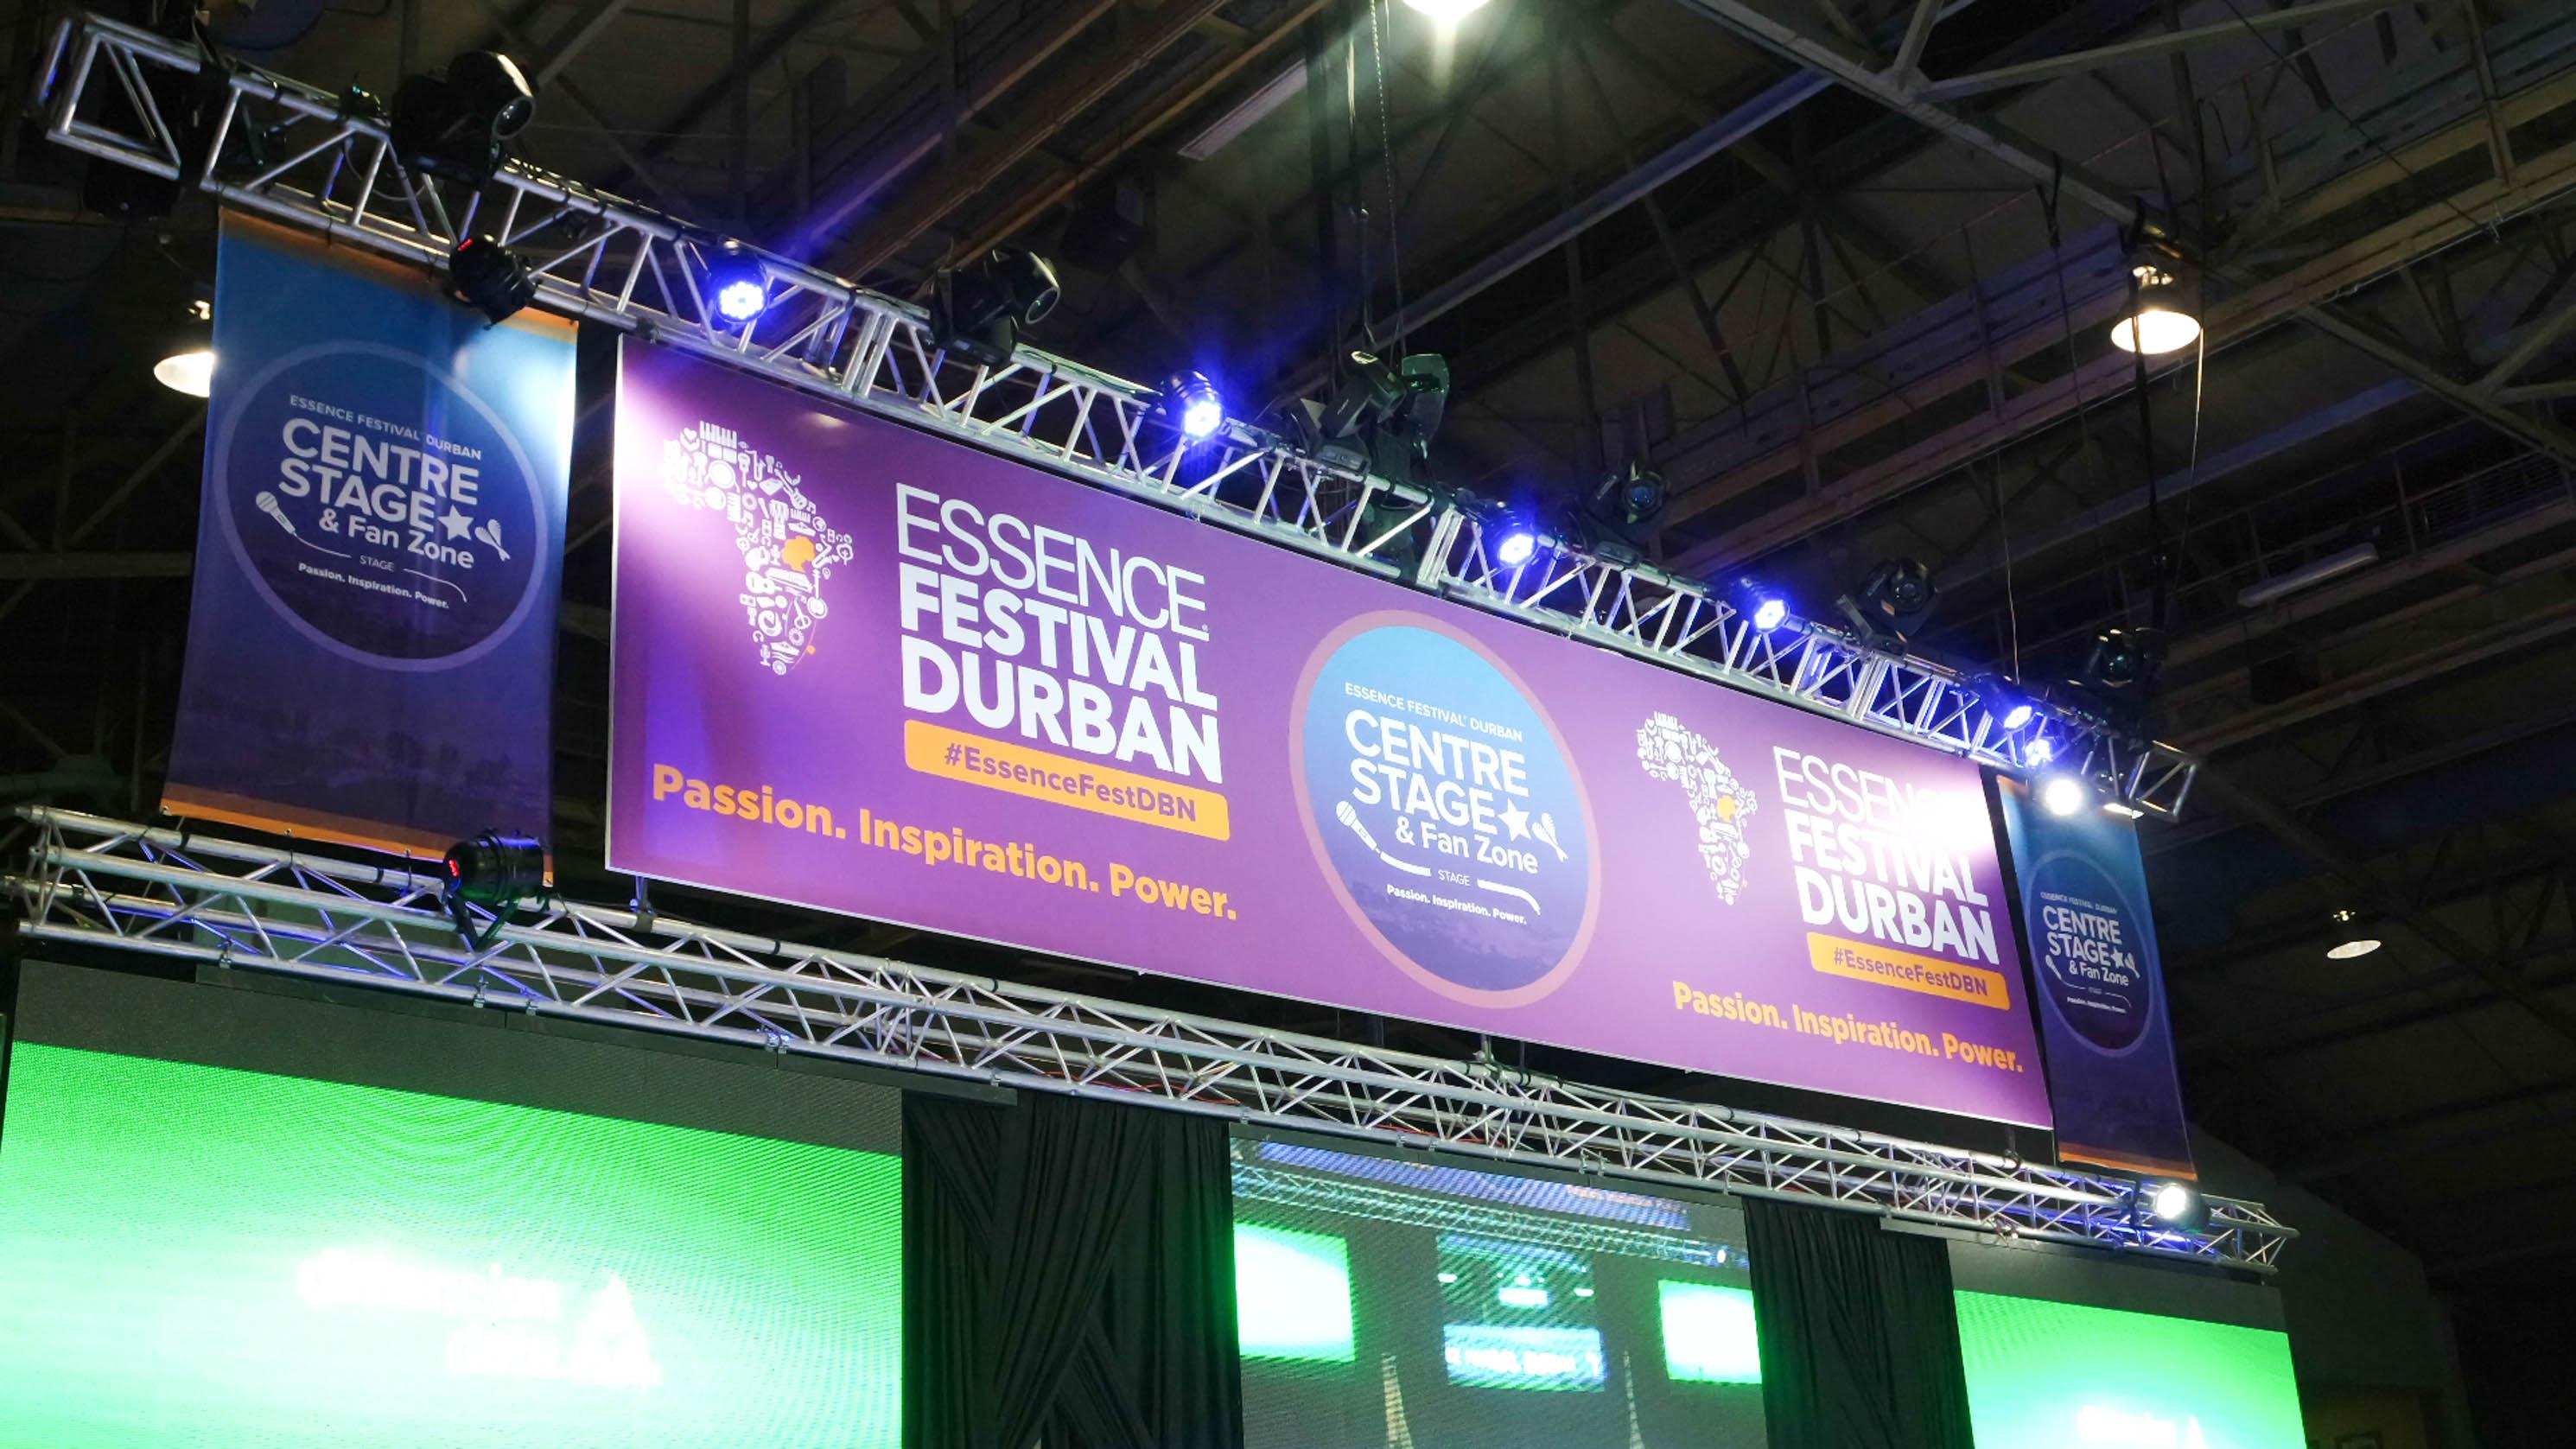 Essence Festival Durban